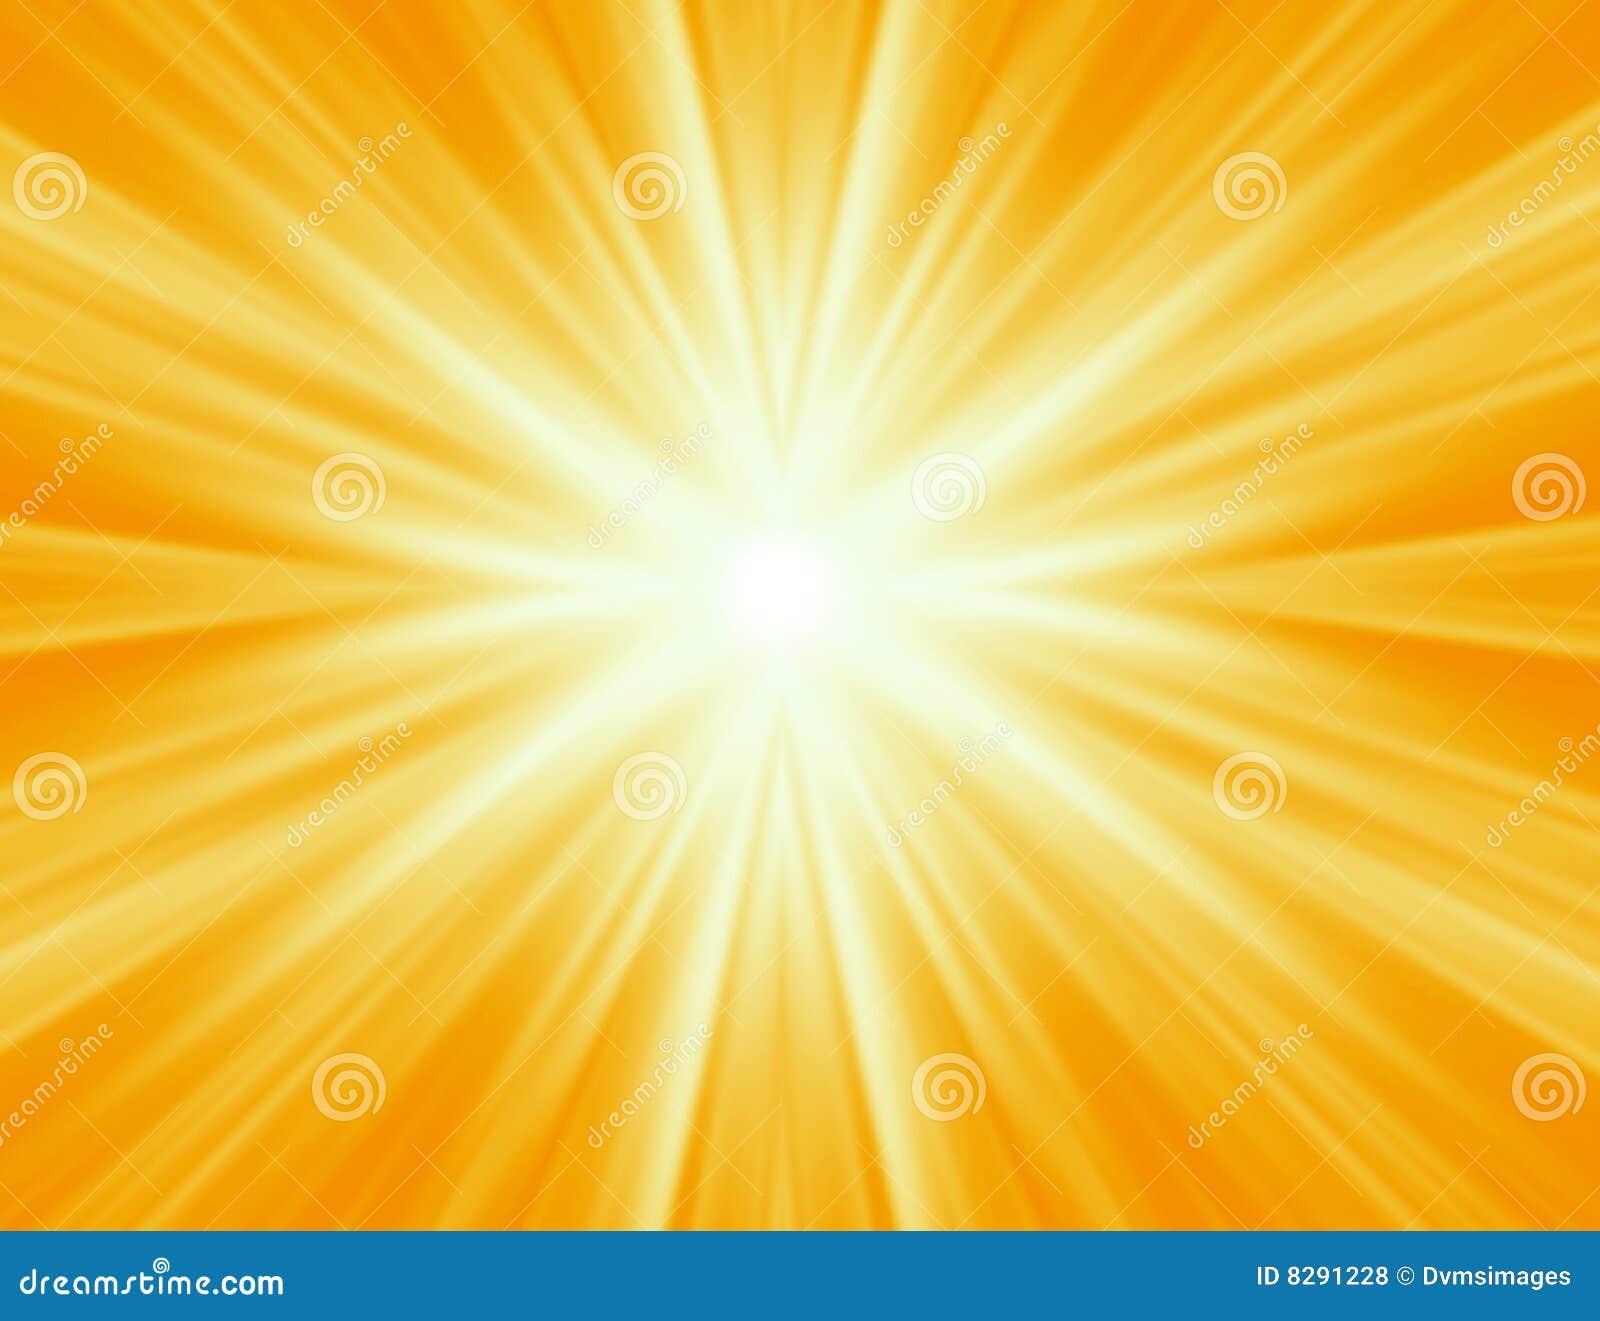 Radiating yellow rays